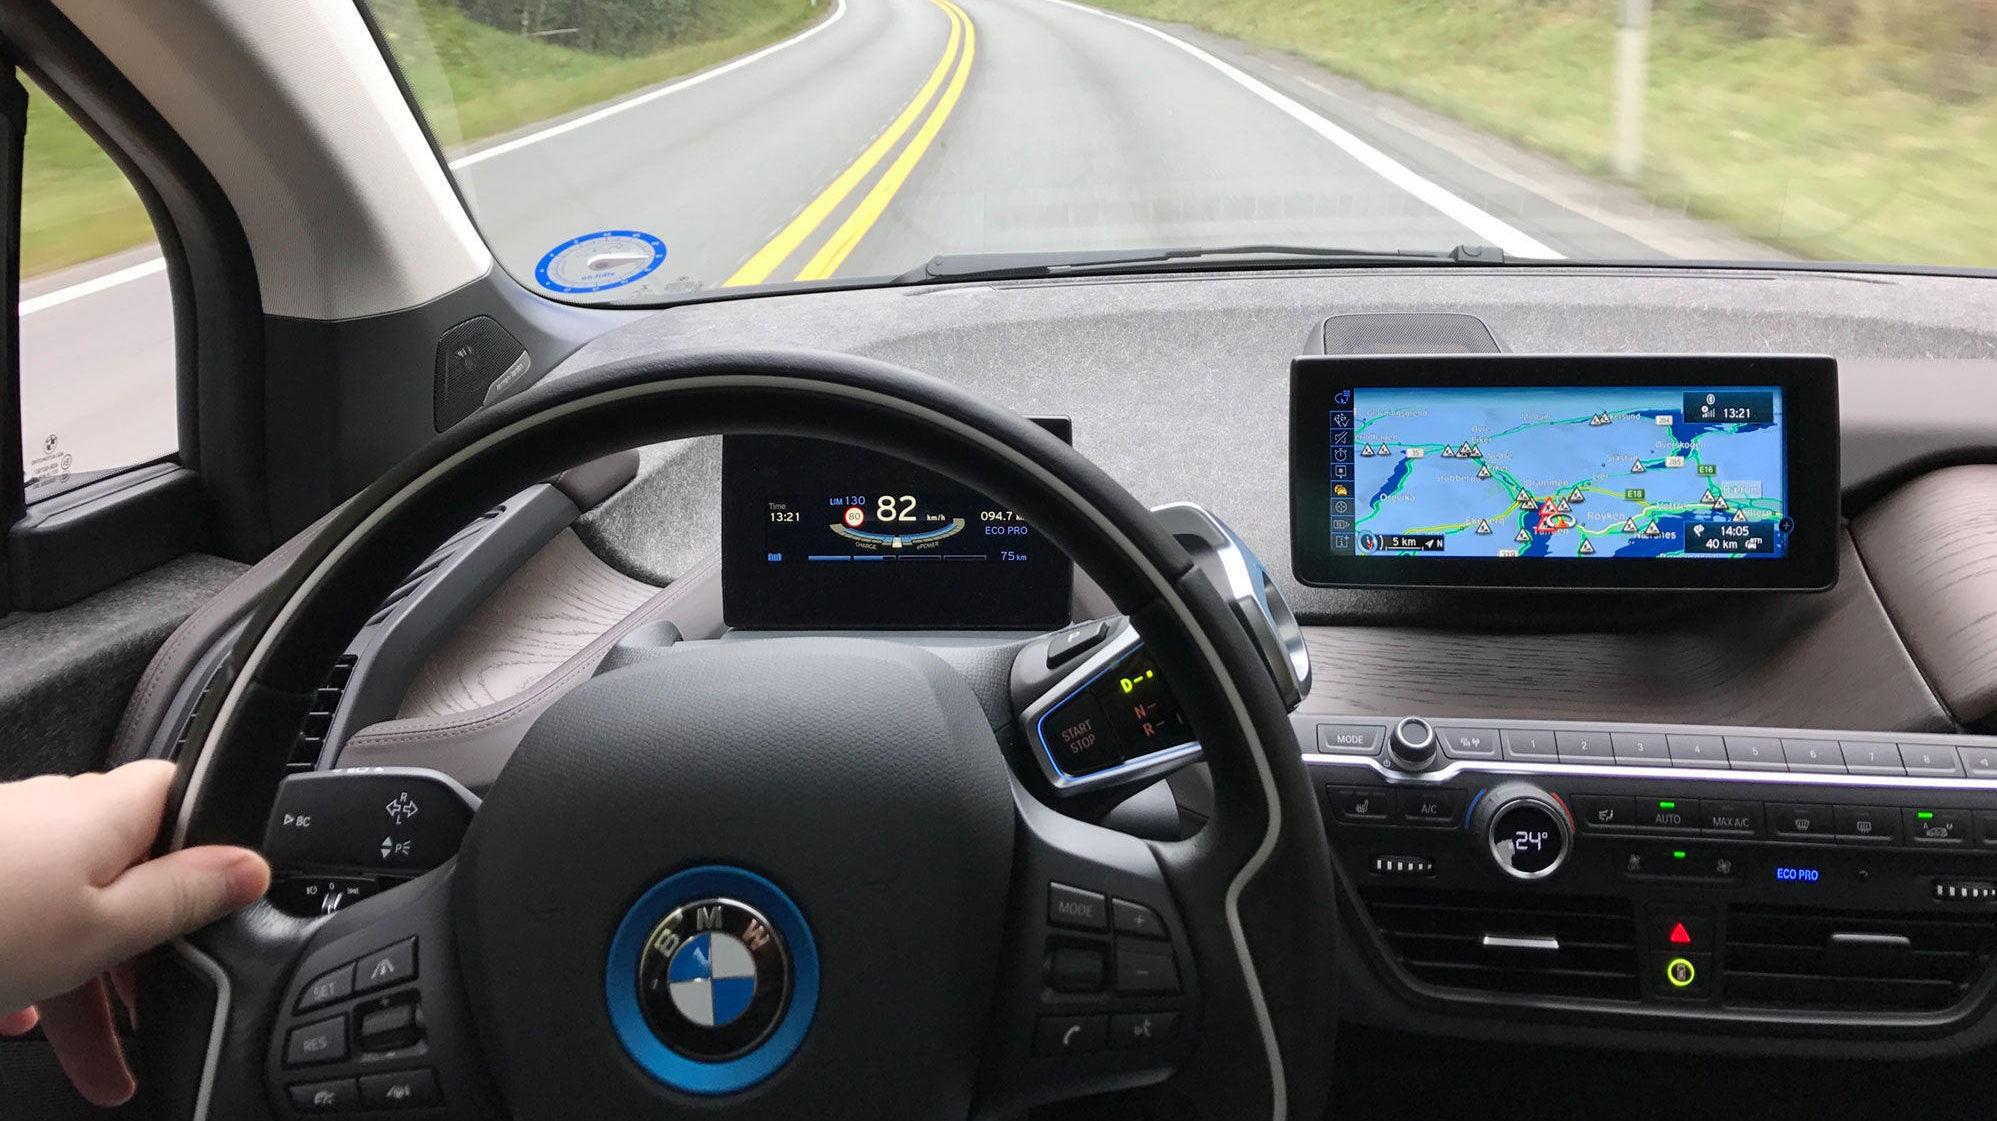 STORT AVVIK: Avviket mellom den oppgitte rekkevidden på BMW i3 i NEDC sammenliknet med EPA er på hele 70 prosent. NEDC er den europeiske, men lite troverdige rekkeviddestandarden, mens EPA er amerikansk og oppgir erfaringsmessig mye mer realistiske tall.